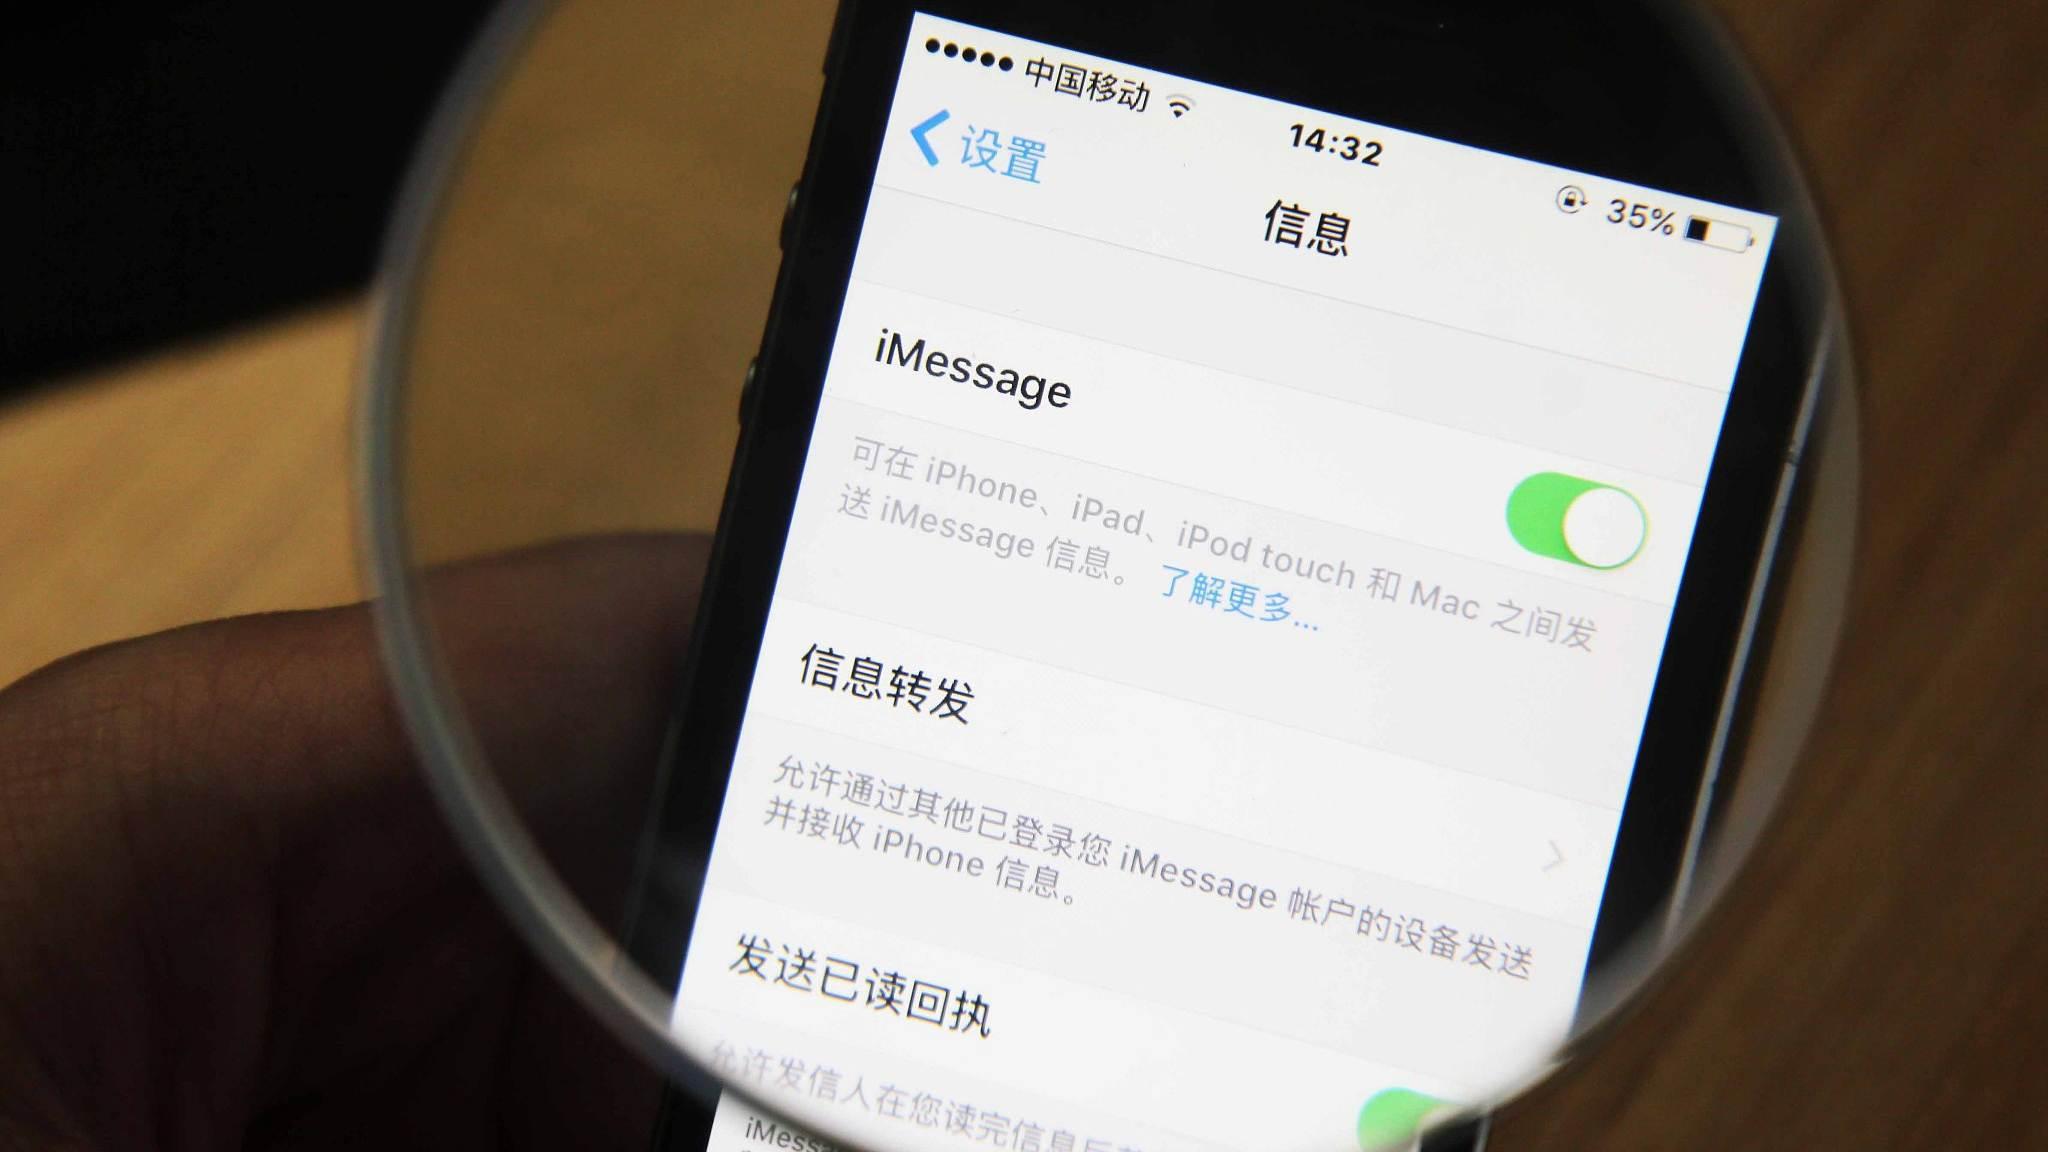 360:iMessage垃圾信息的泛滥已超越传统垃圾短信